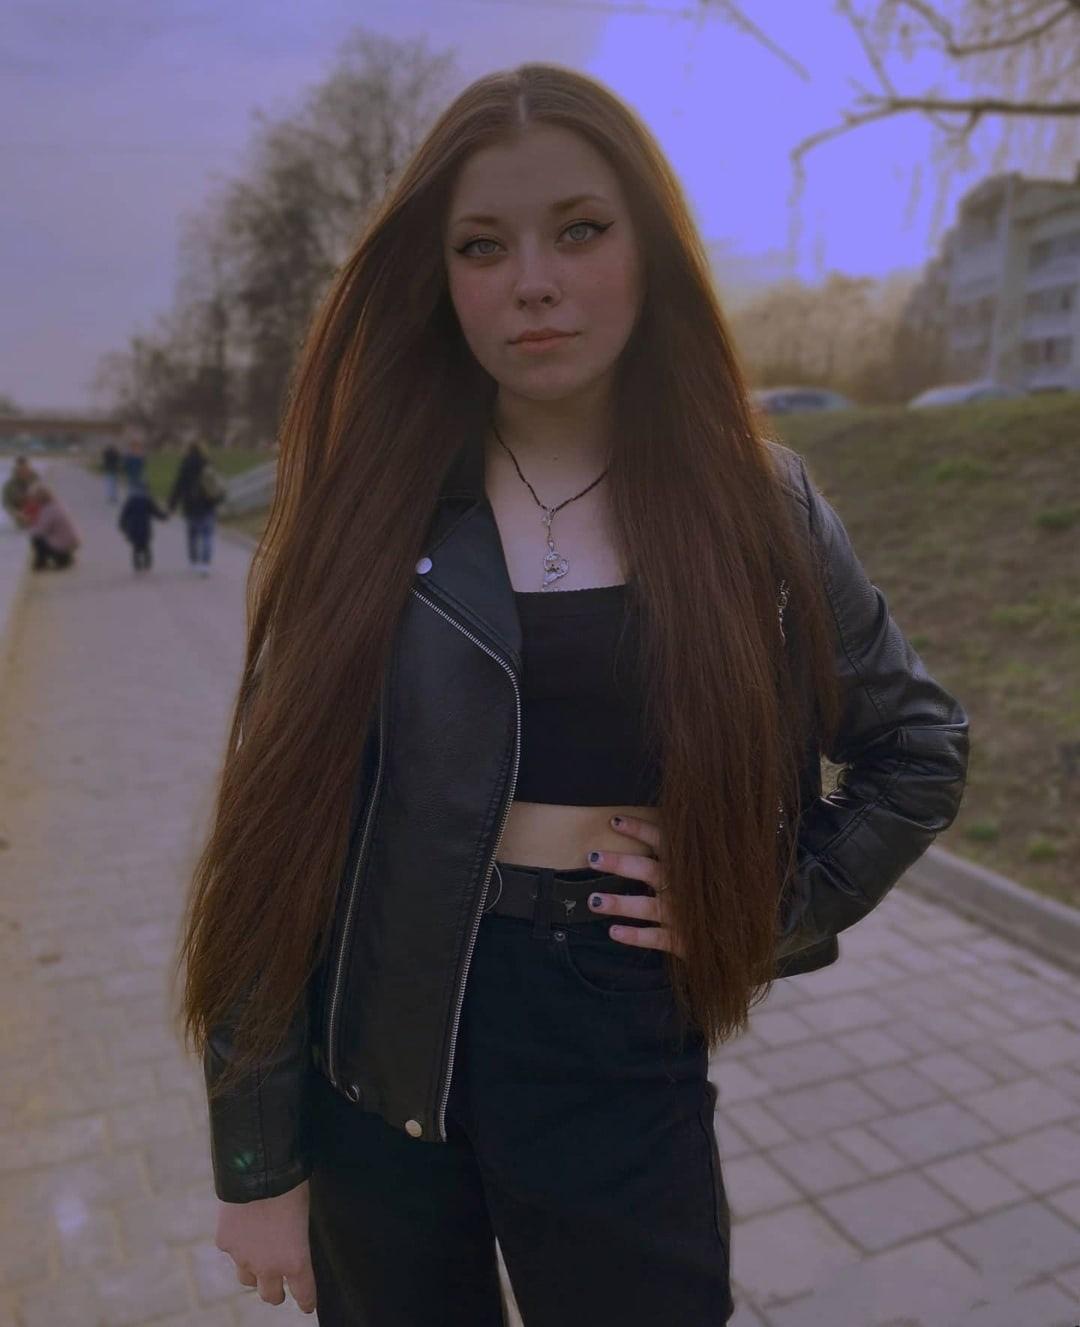 Ekaterina, 18, Bergen